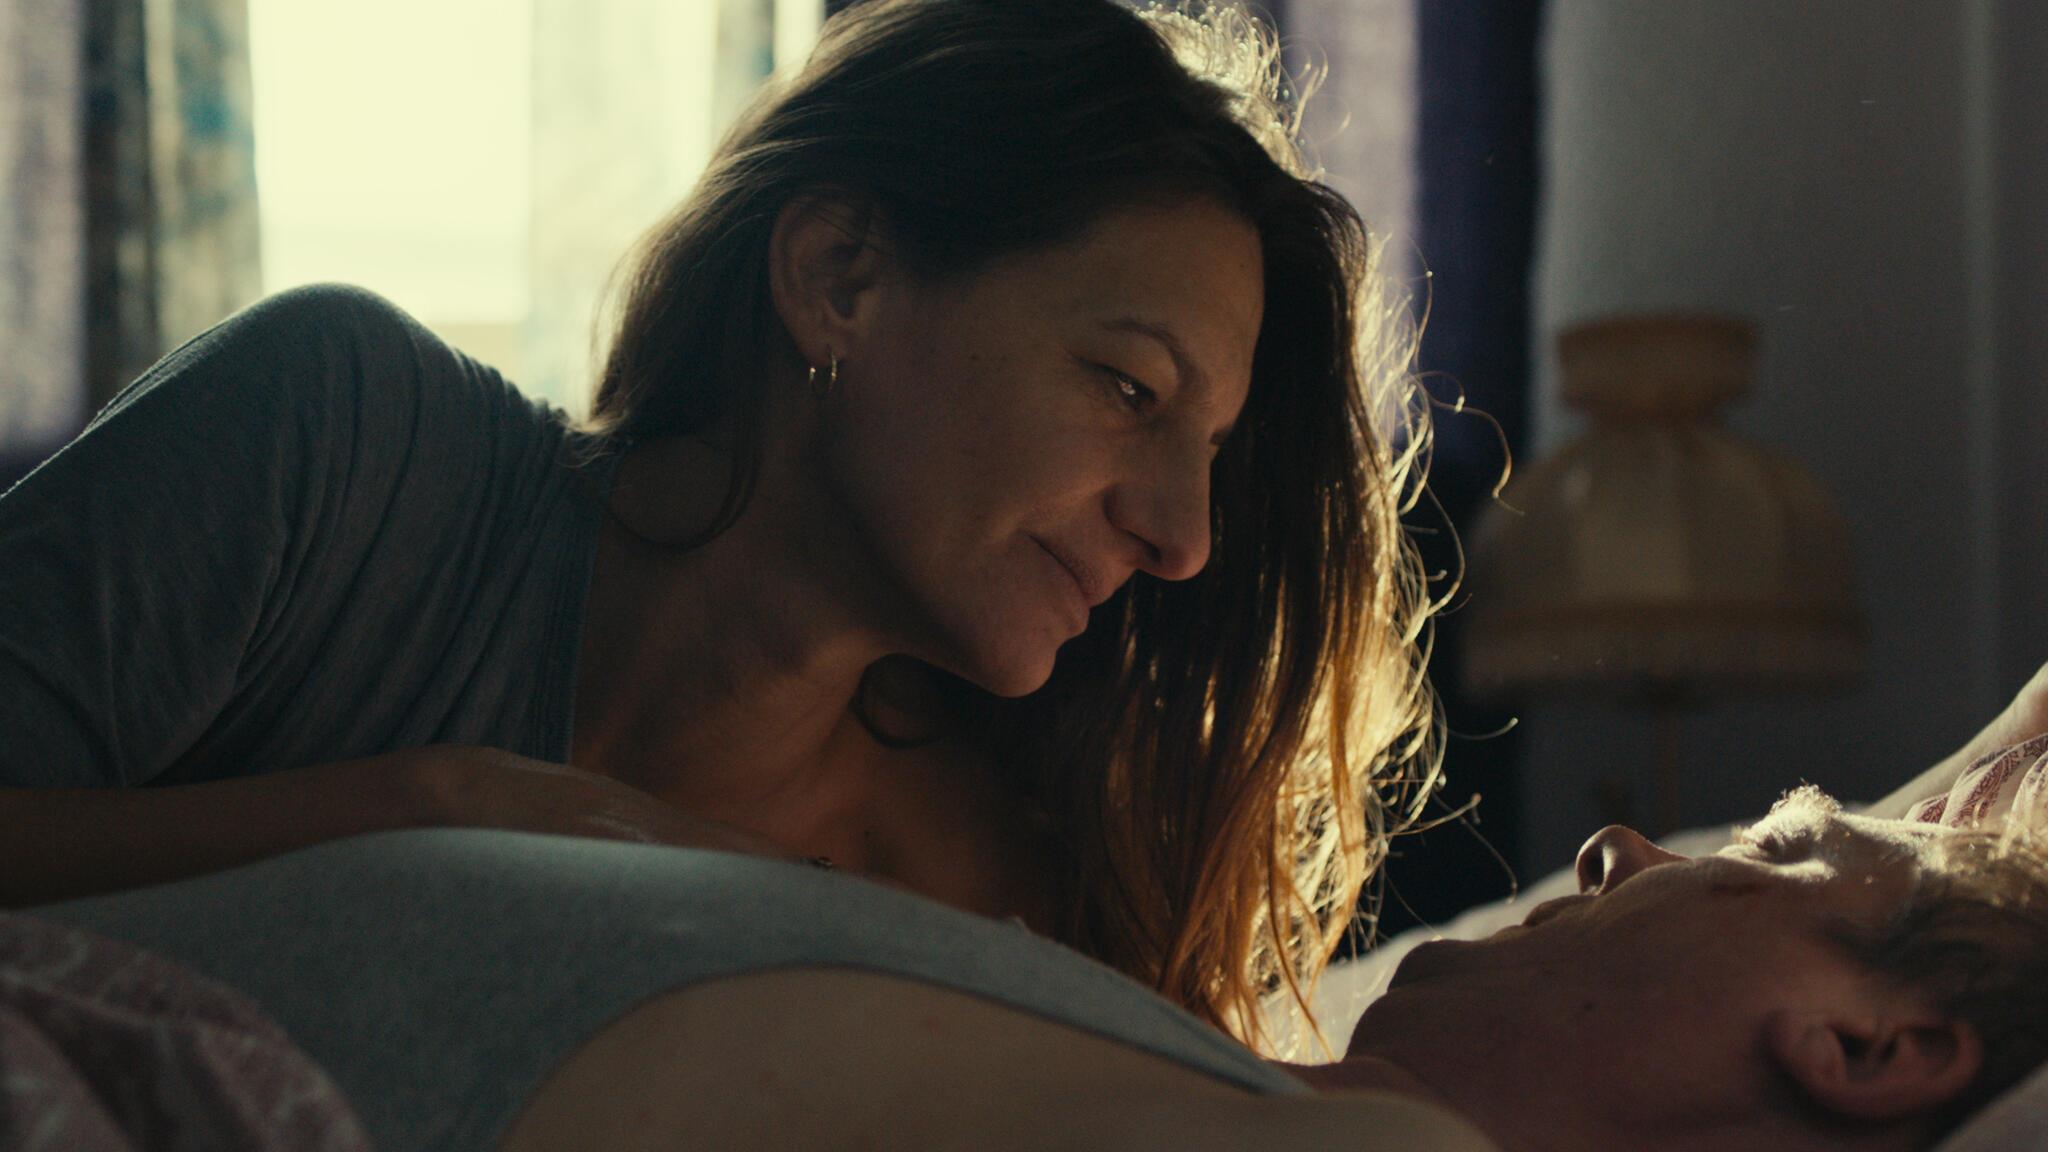 Catrin Striebeck   Bild 11 von 11   moviepilot.de